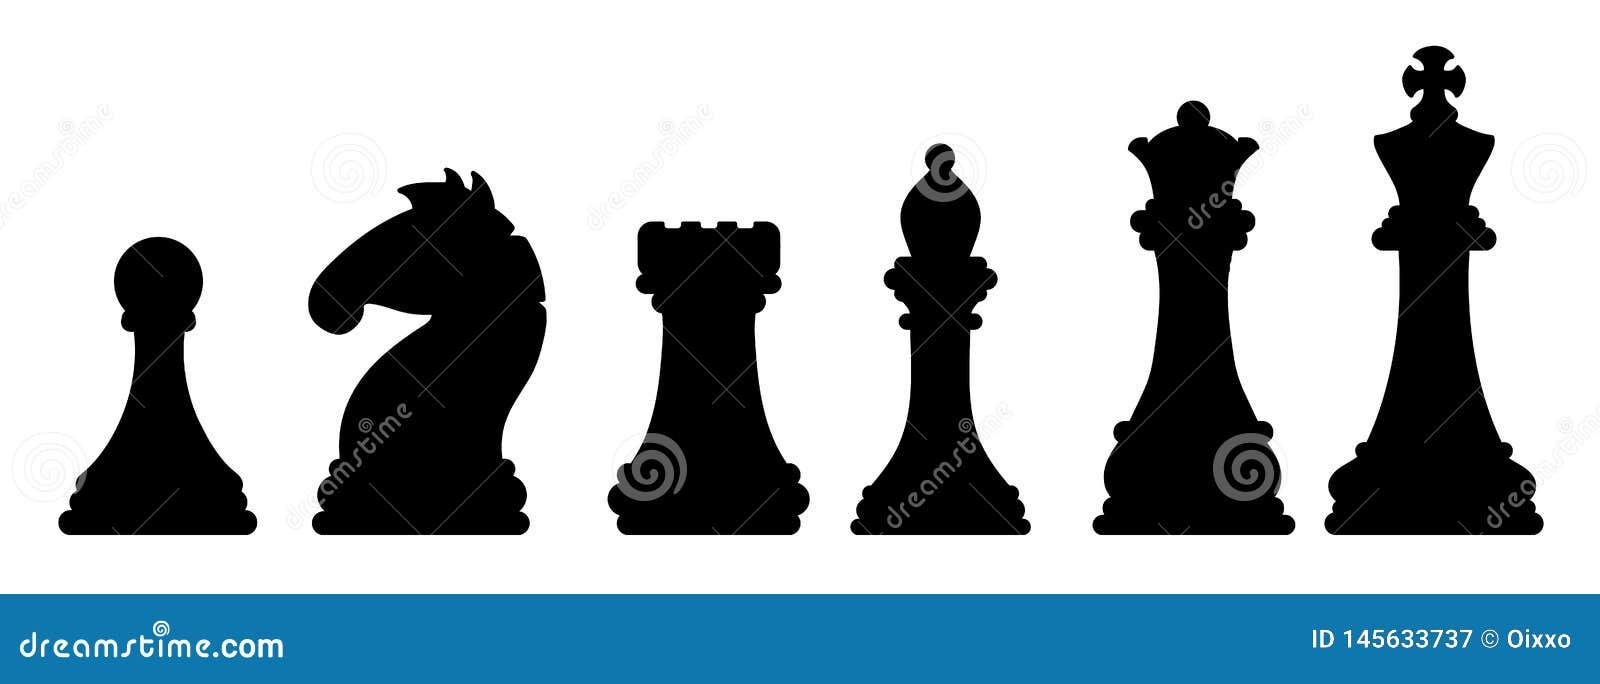 Μαύρες σκιαγραφίες κομματιών σκακιού Εικόνα έννοιας παιχνιδιών